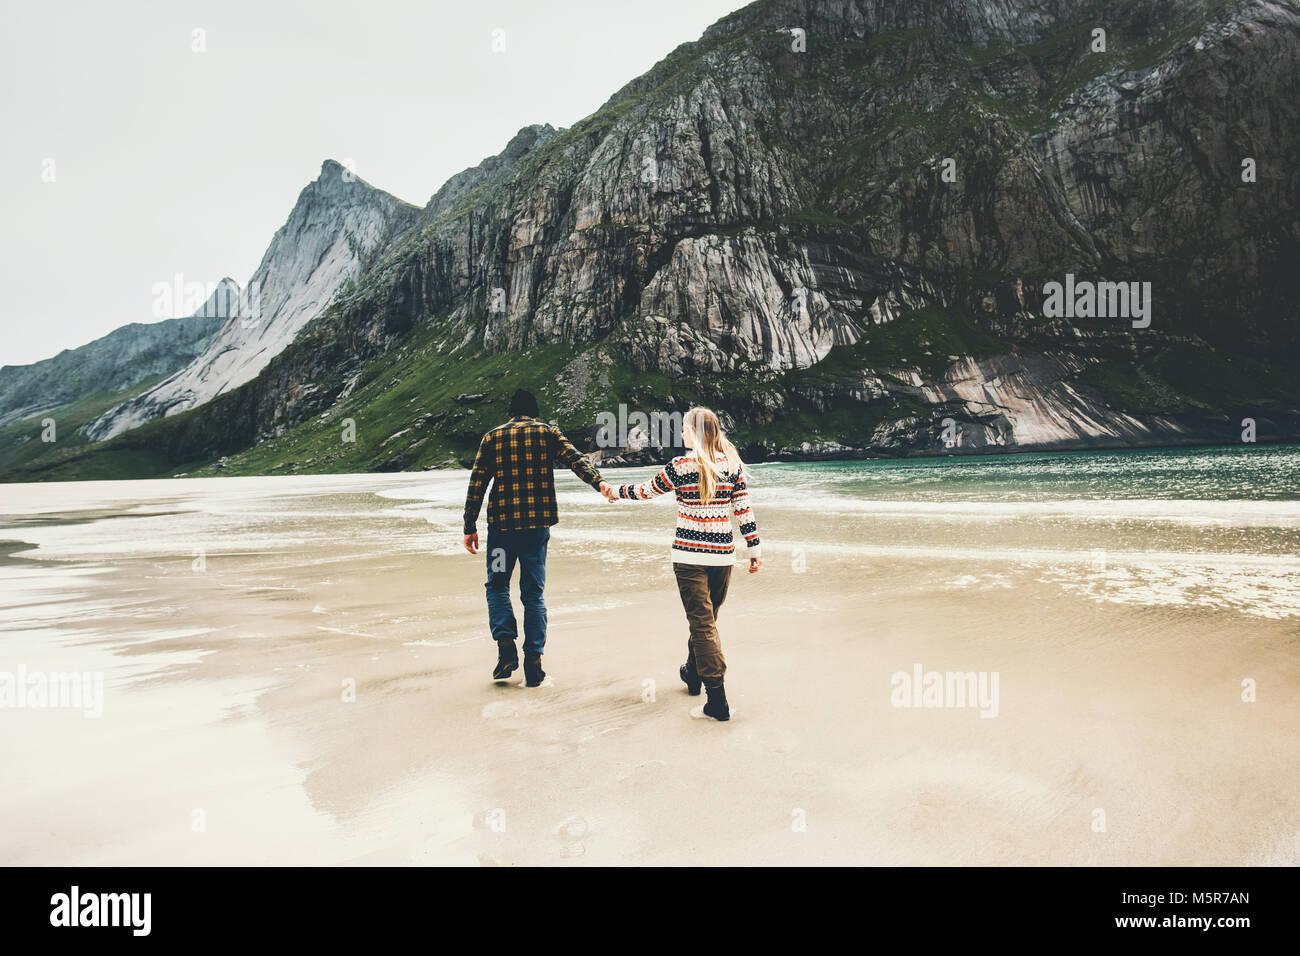 Romantisches Paar in Liebe gehen Hand in Hand am Strand Meer Mann und Frau zusammen Reisen Lifestyle Konzept Ferien Stockbild